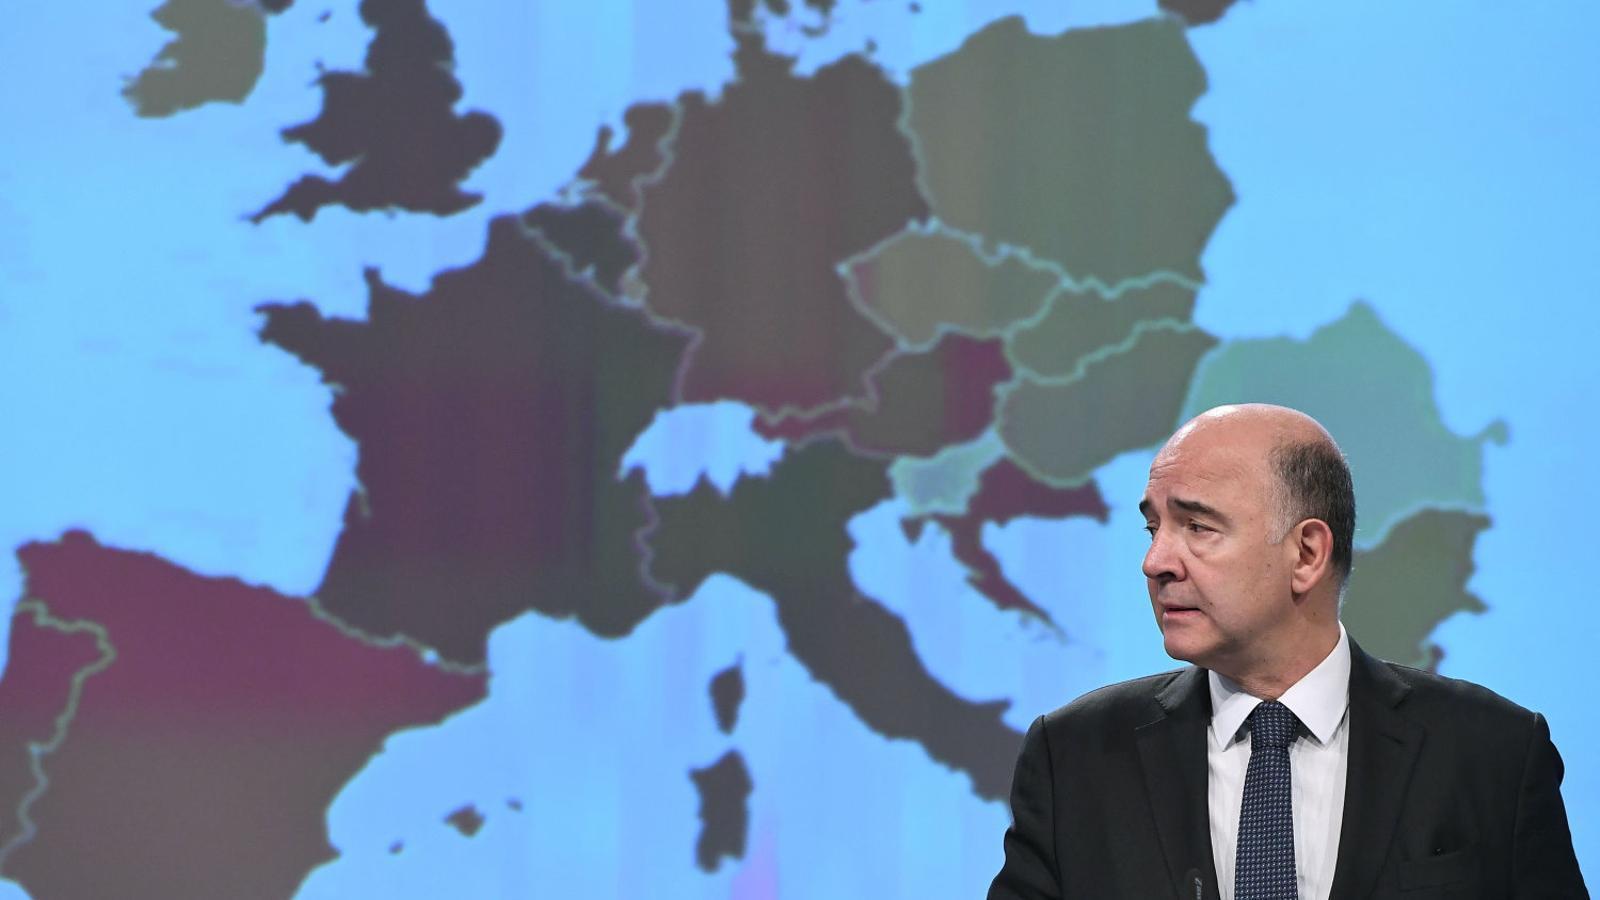 El comissari d'Afers Econòmics de la Unió Europea, Pierre Moscovici, va treure ferro ahir a l'afectació econòmica de la crisi política.